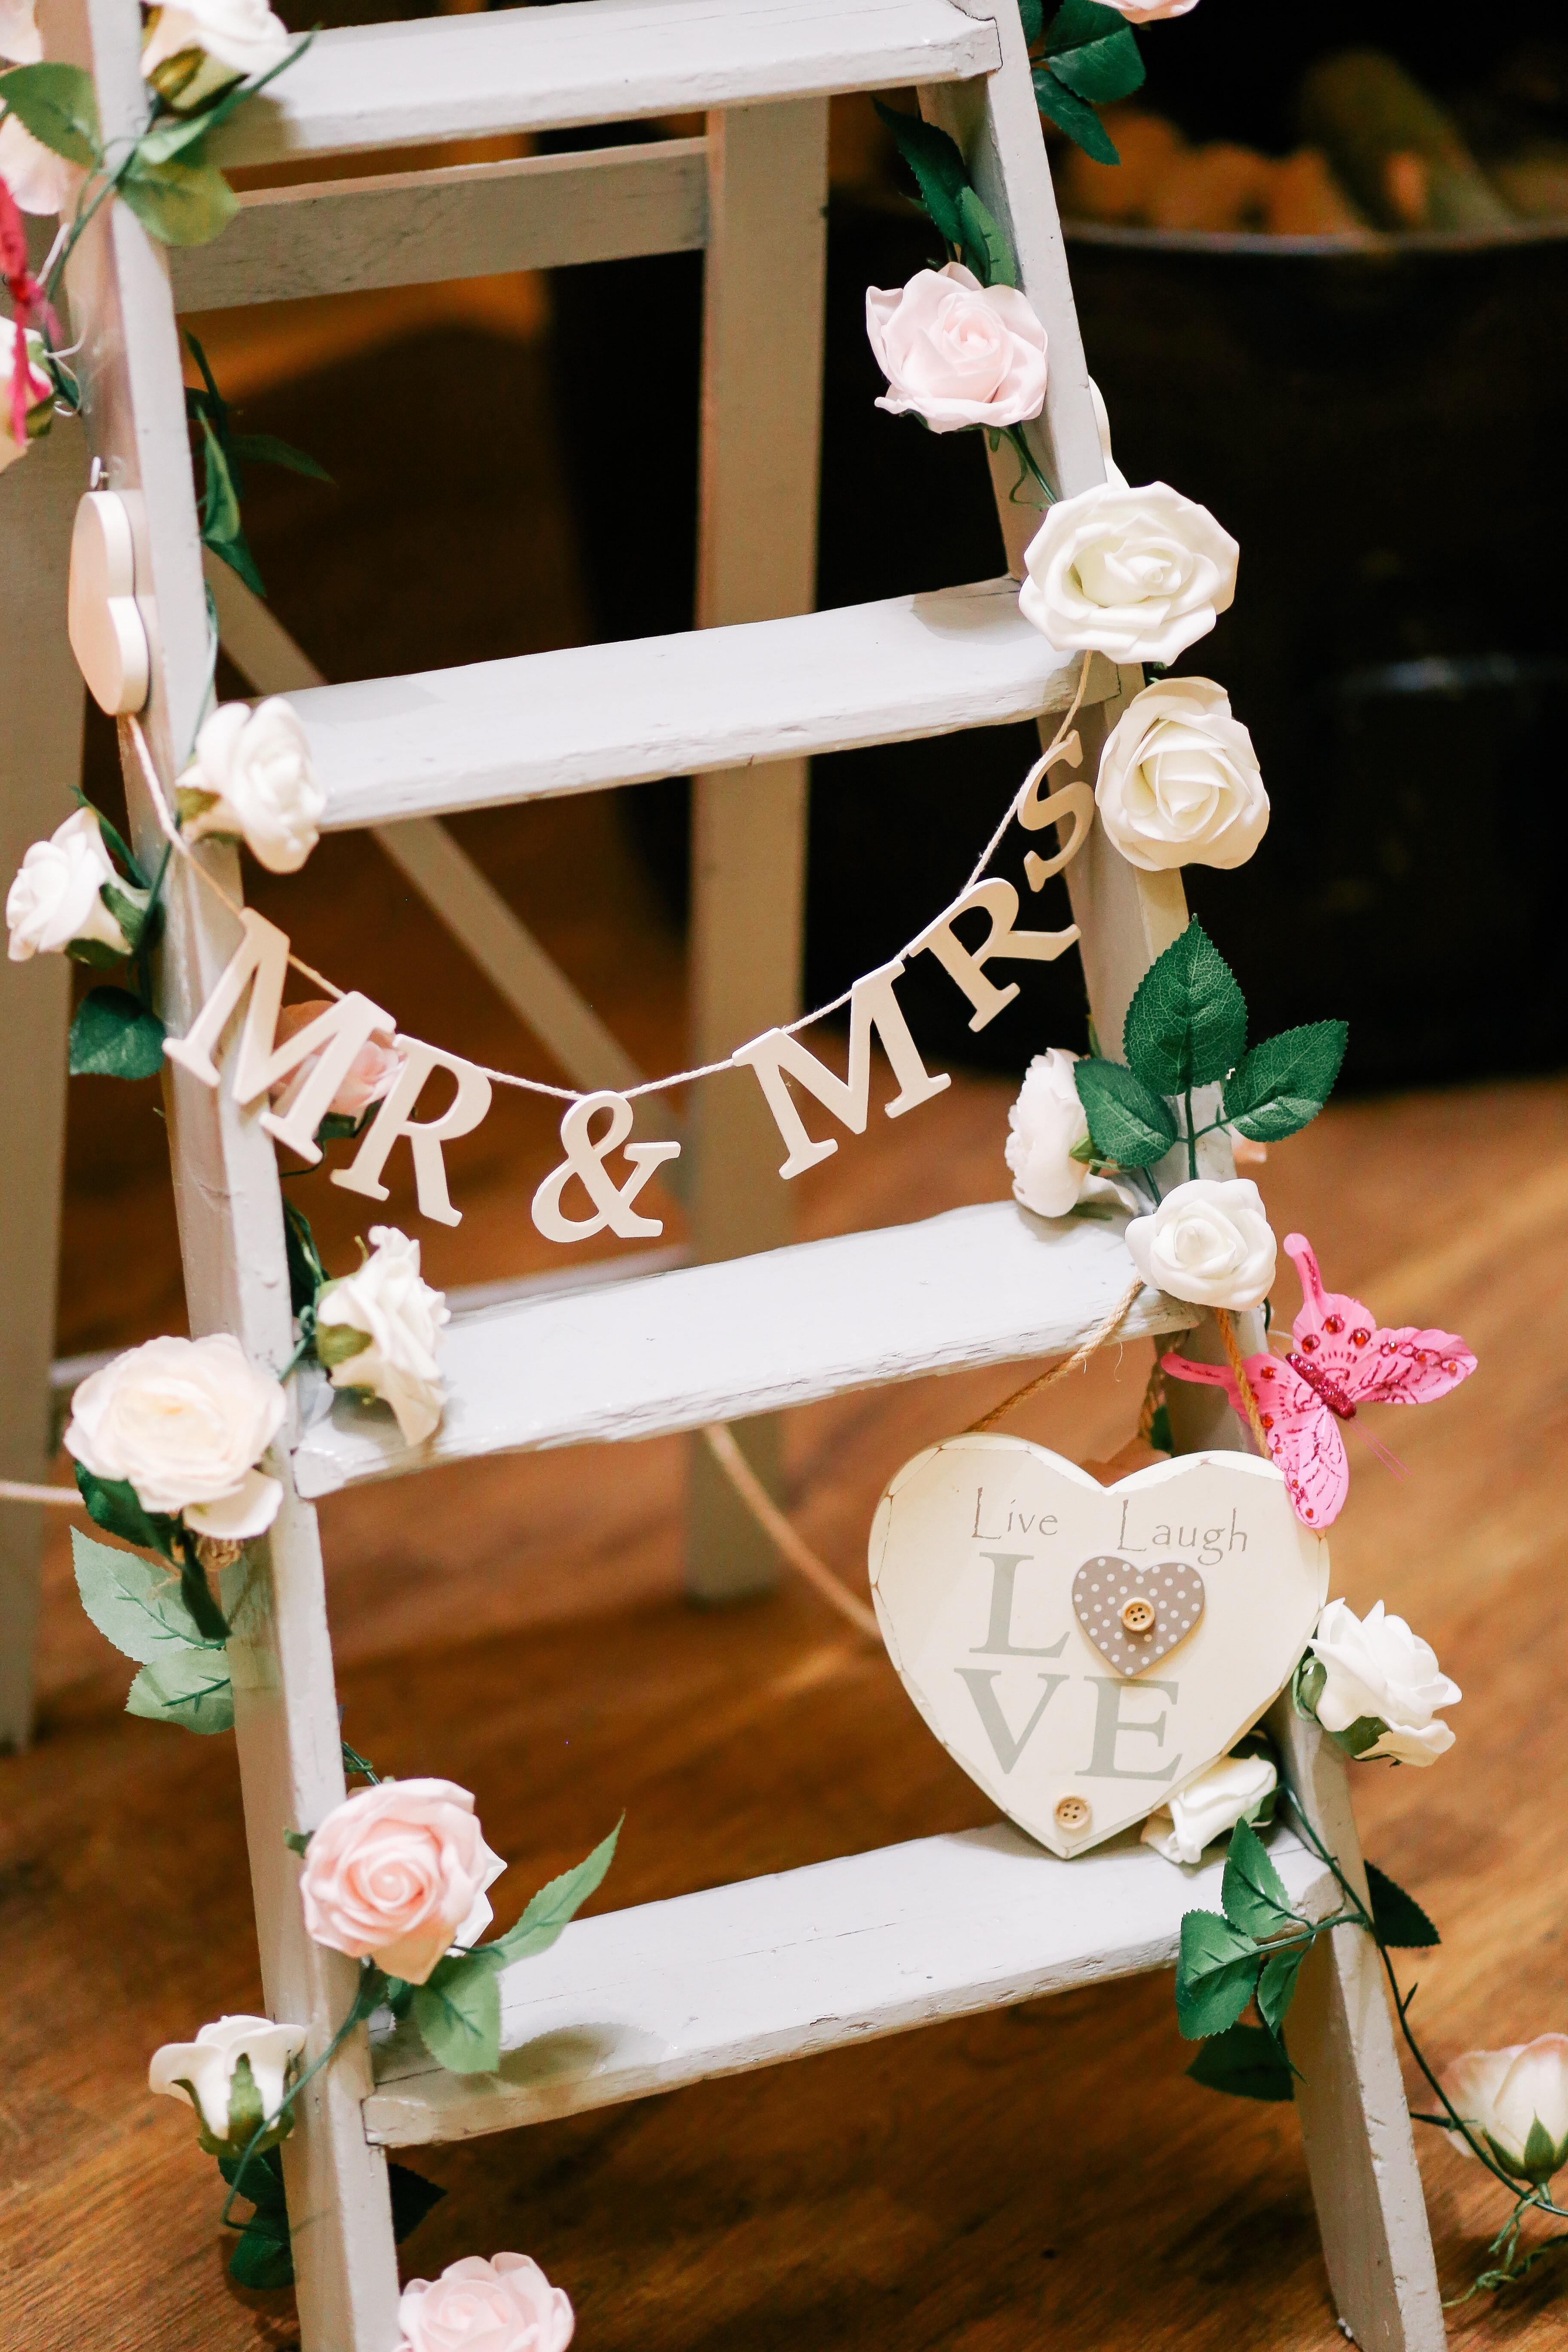 婚活は難しい...って本当?!婚活がうまくいく人の圧倒的特徴!